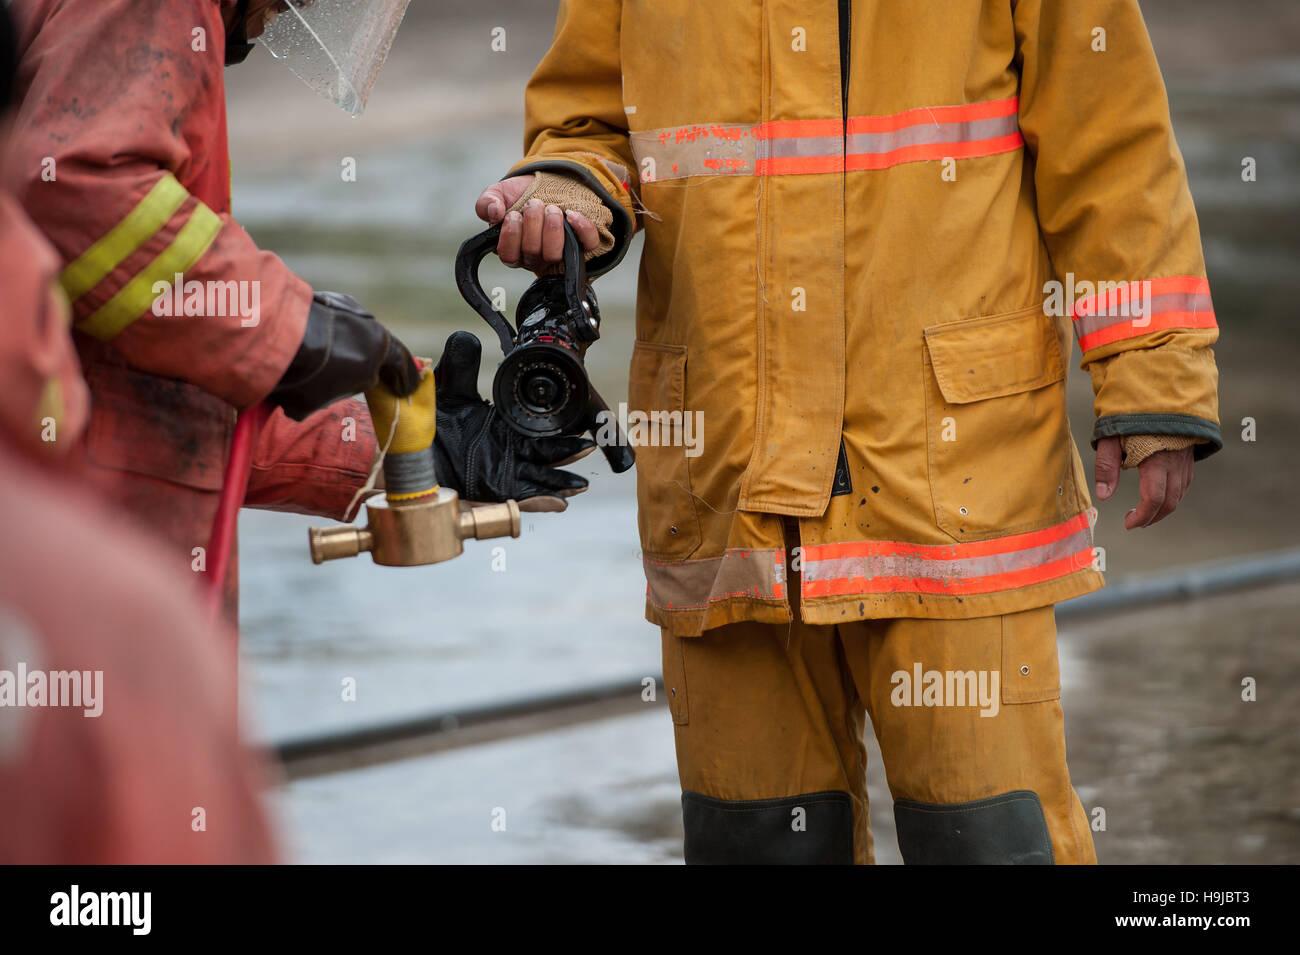 Les pompiers exécutent connexion hôte Photo Stock